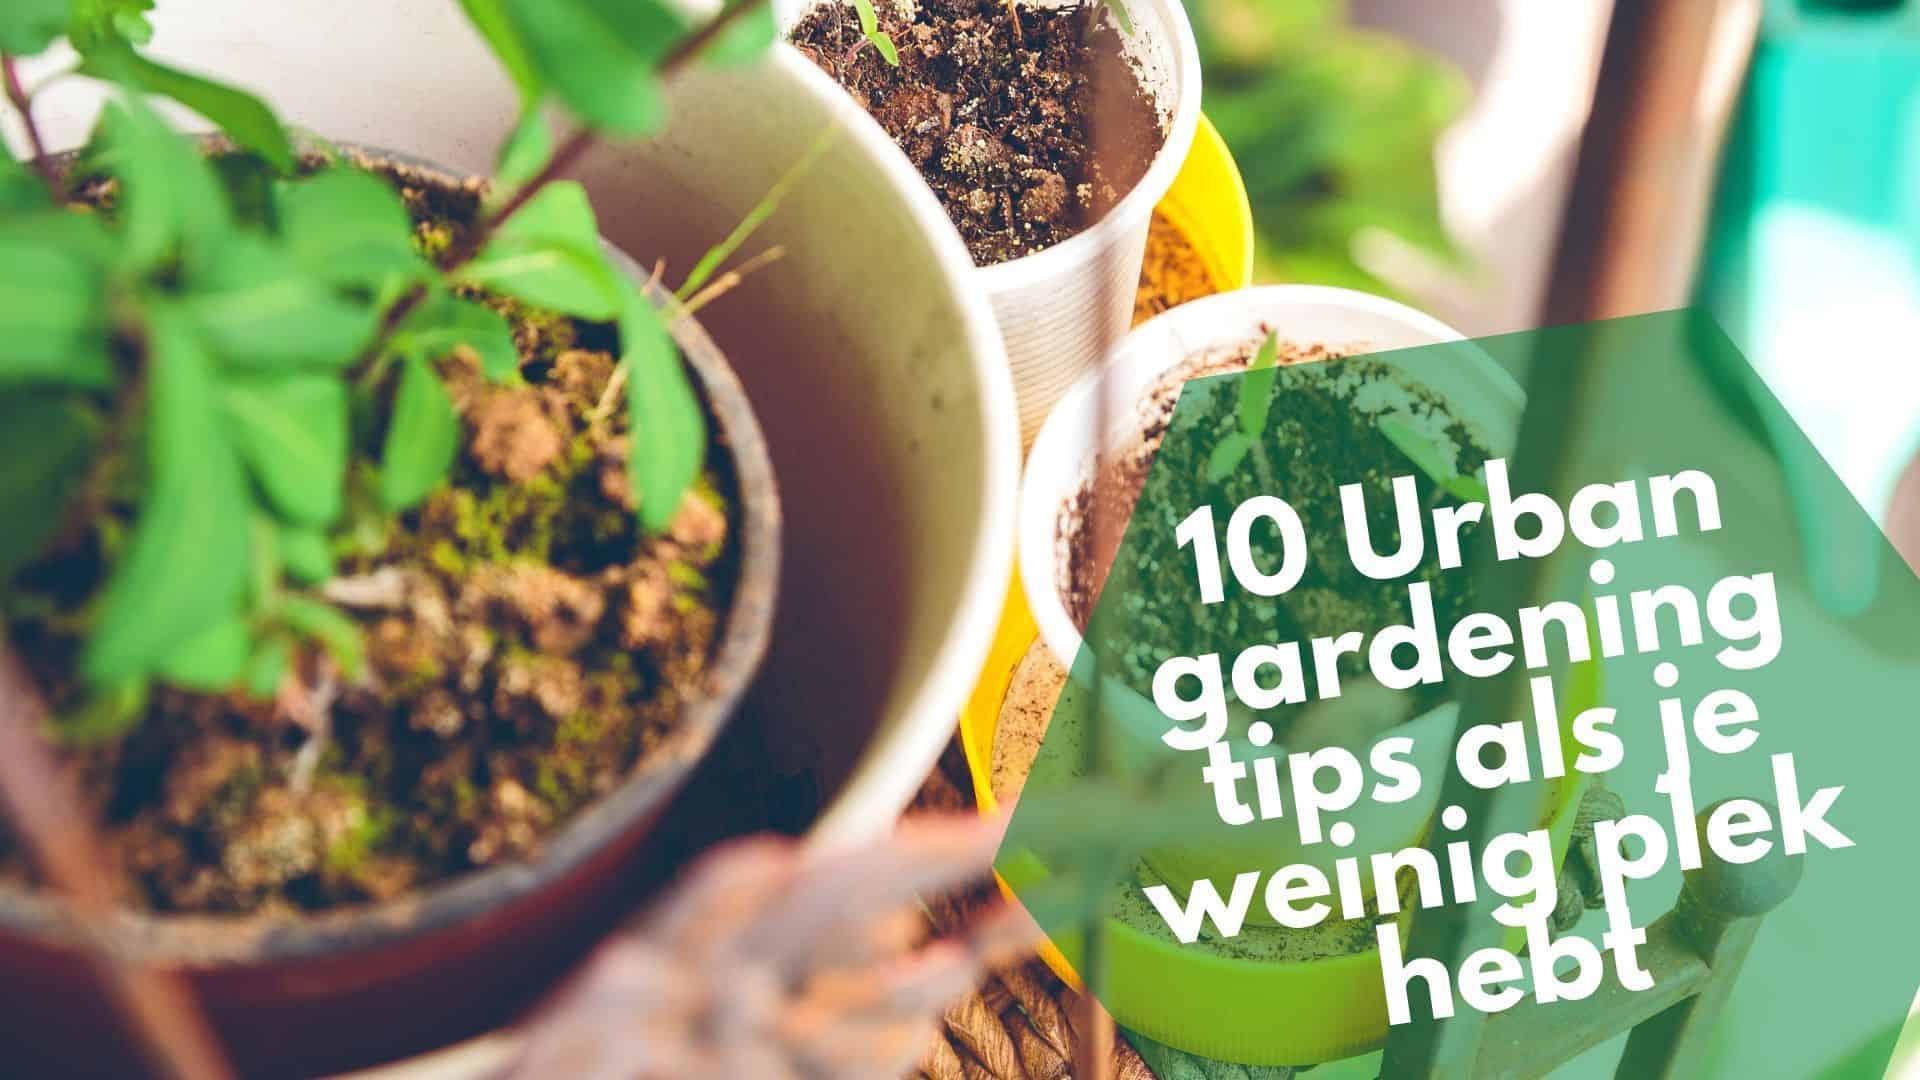 10 Urban garden tips voor als je weinig plek hebt